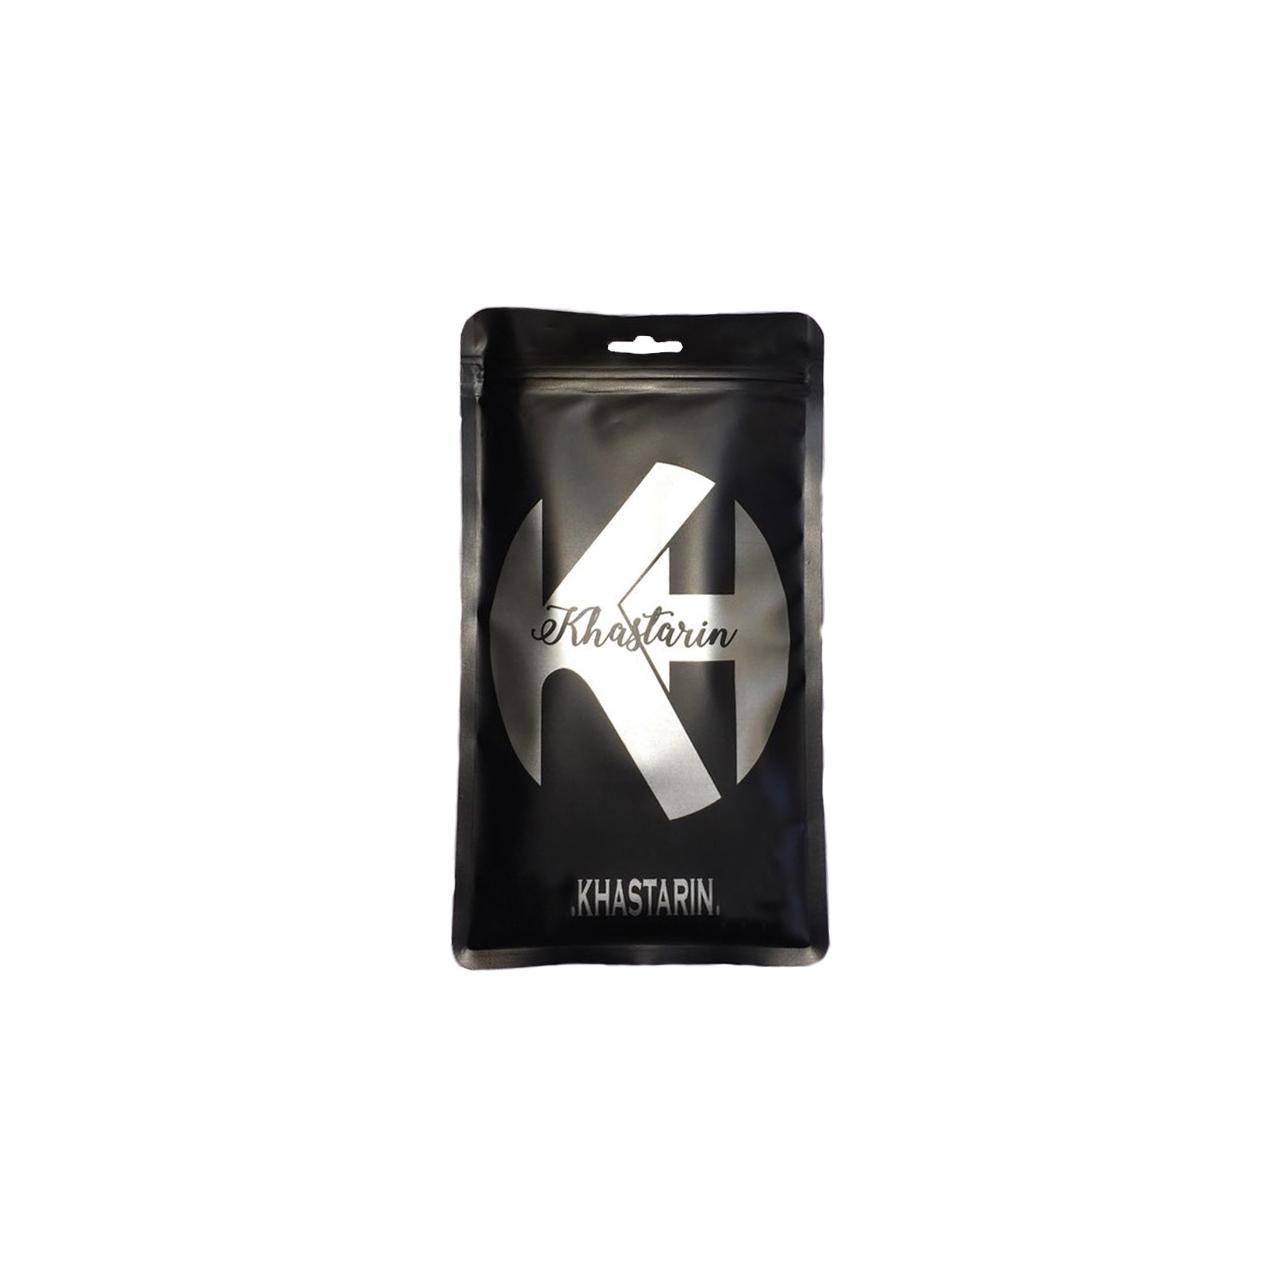 کاور کی اچ کد 0906 مناسب برای گوشی موبایل سونی Xperia XA1 Ultra 2017 thumb 2 2